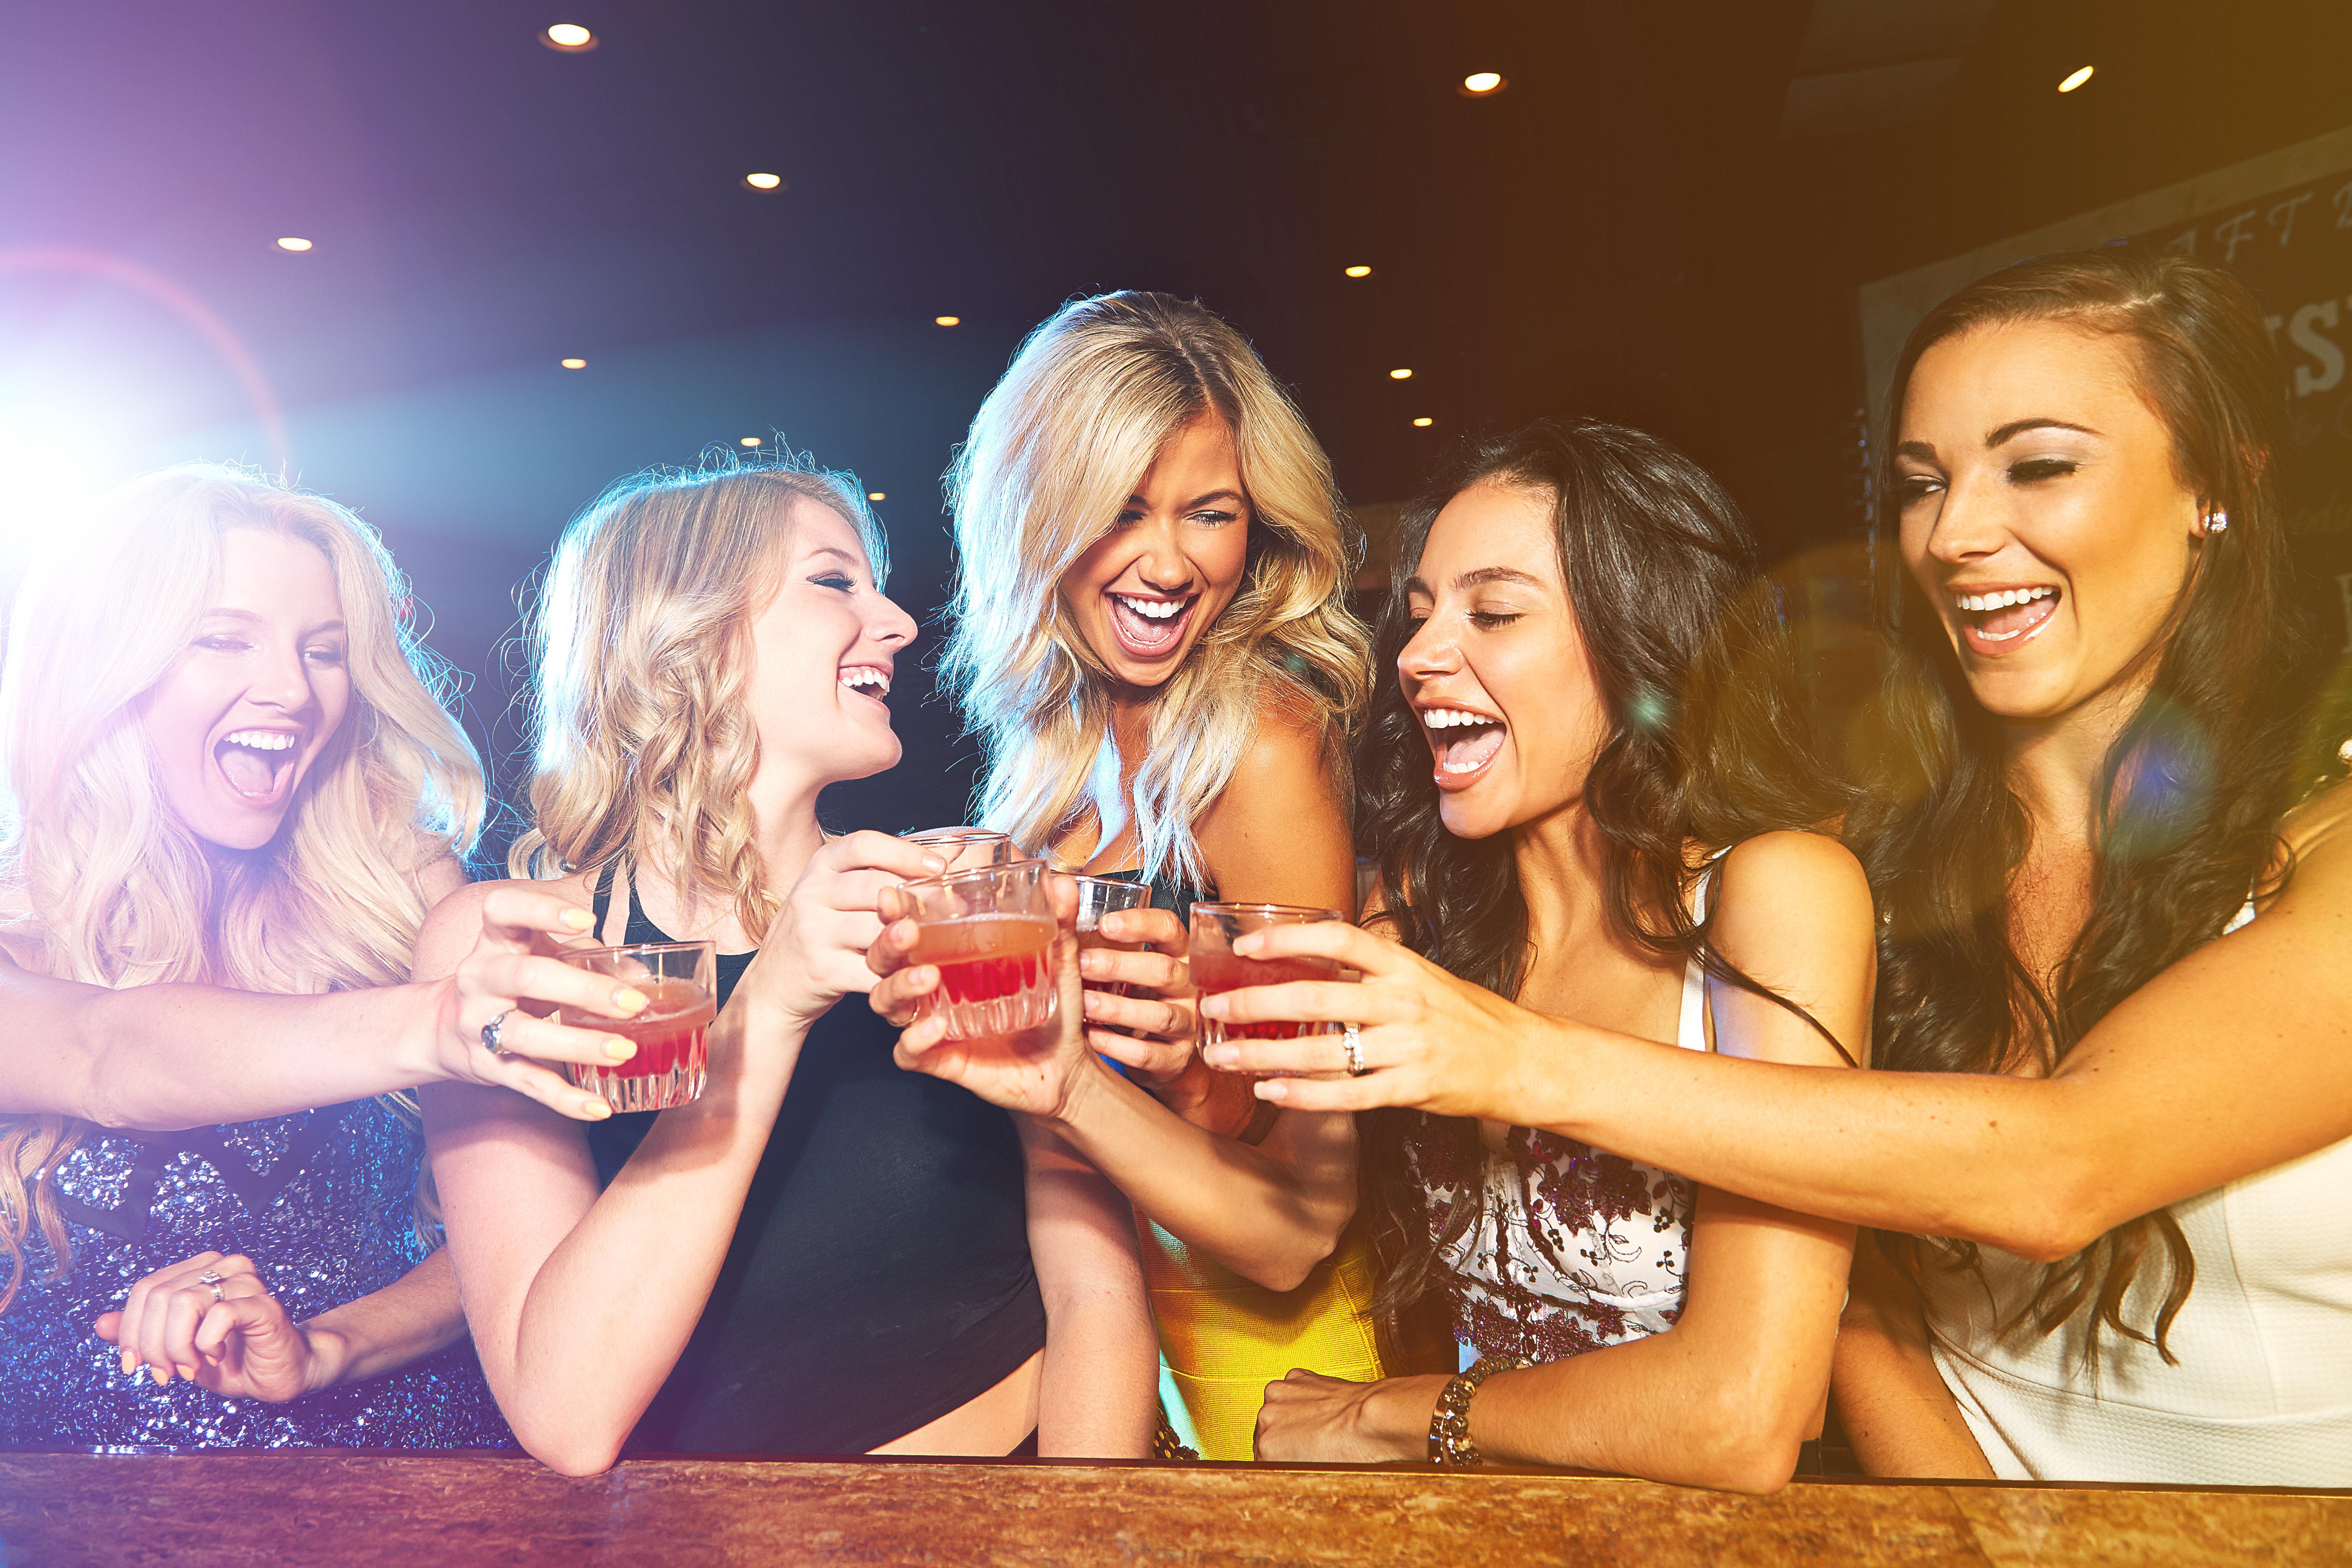 Men naked bachelorette party women - gay